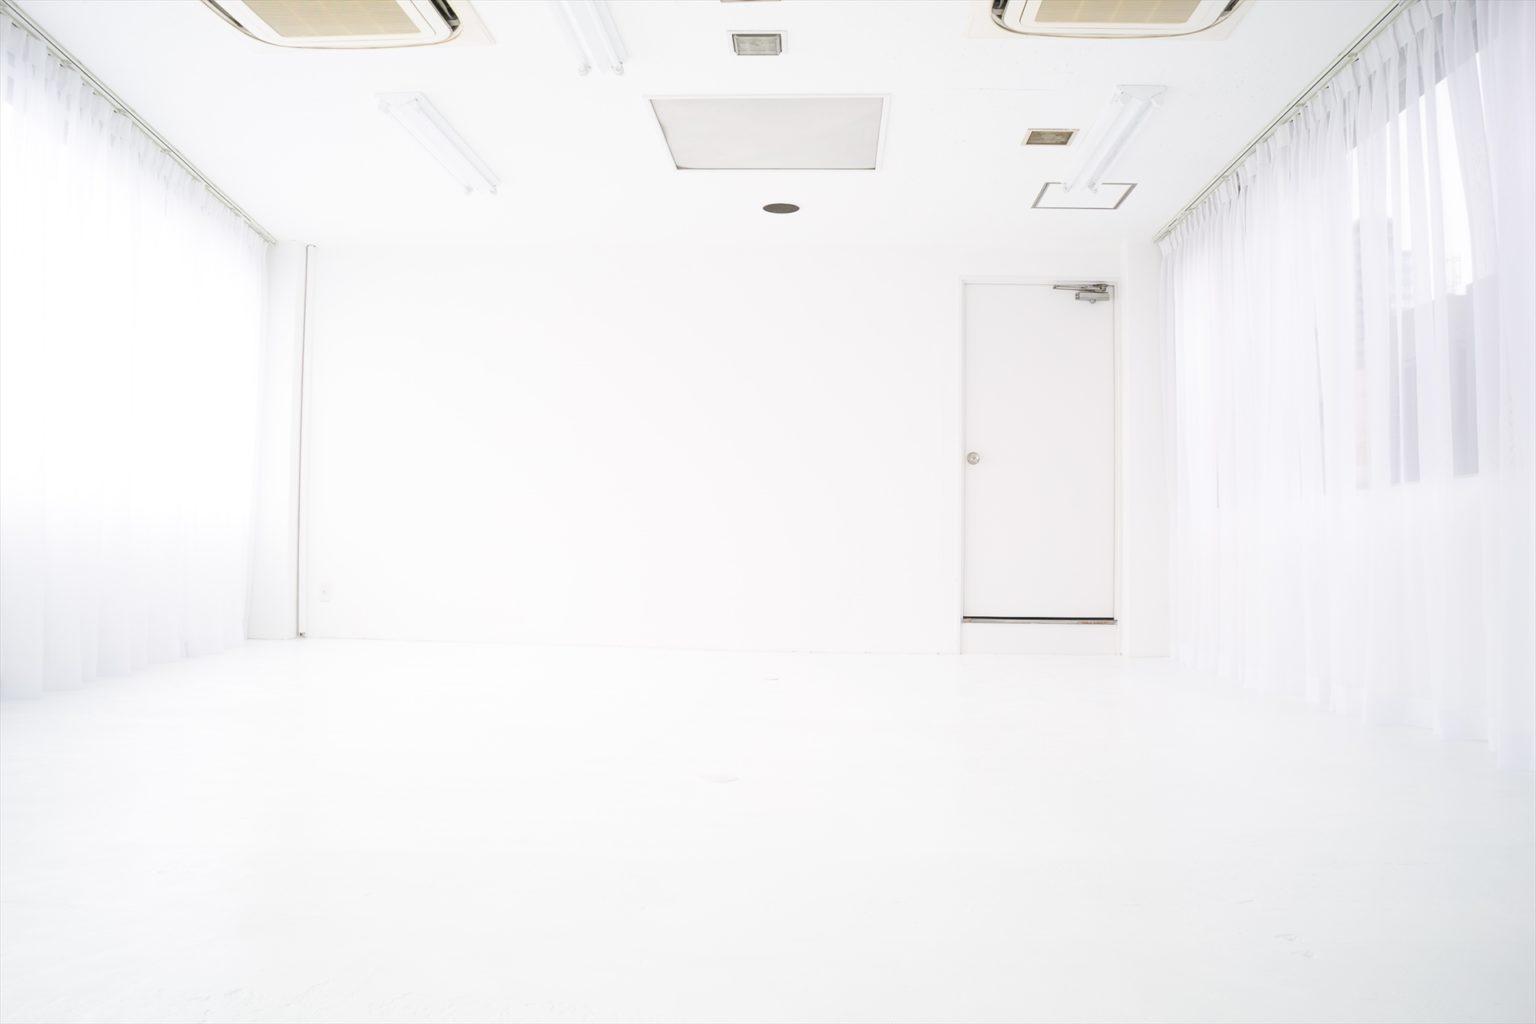 LUZZ STUDIOの白ホリゾント(白い部屋)の室内写真 1